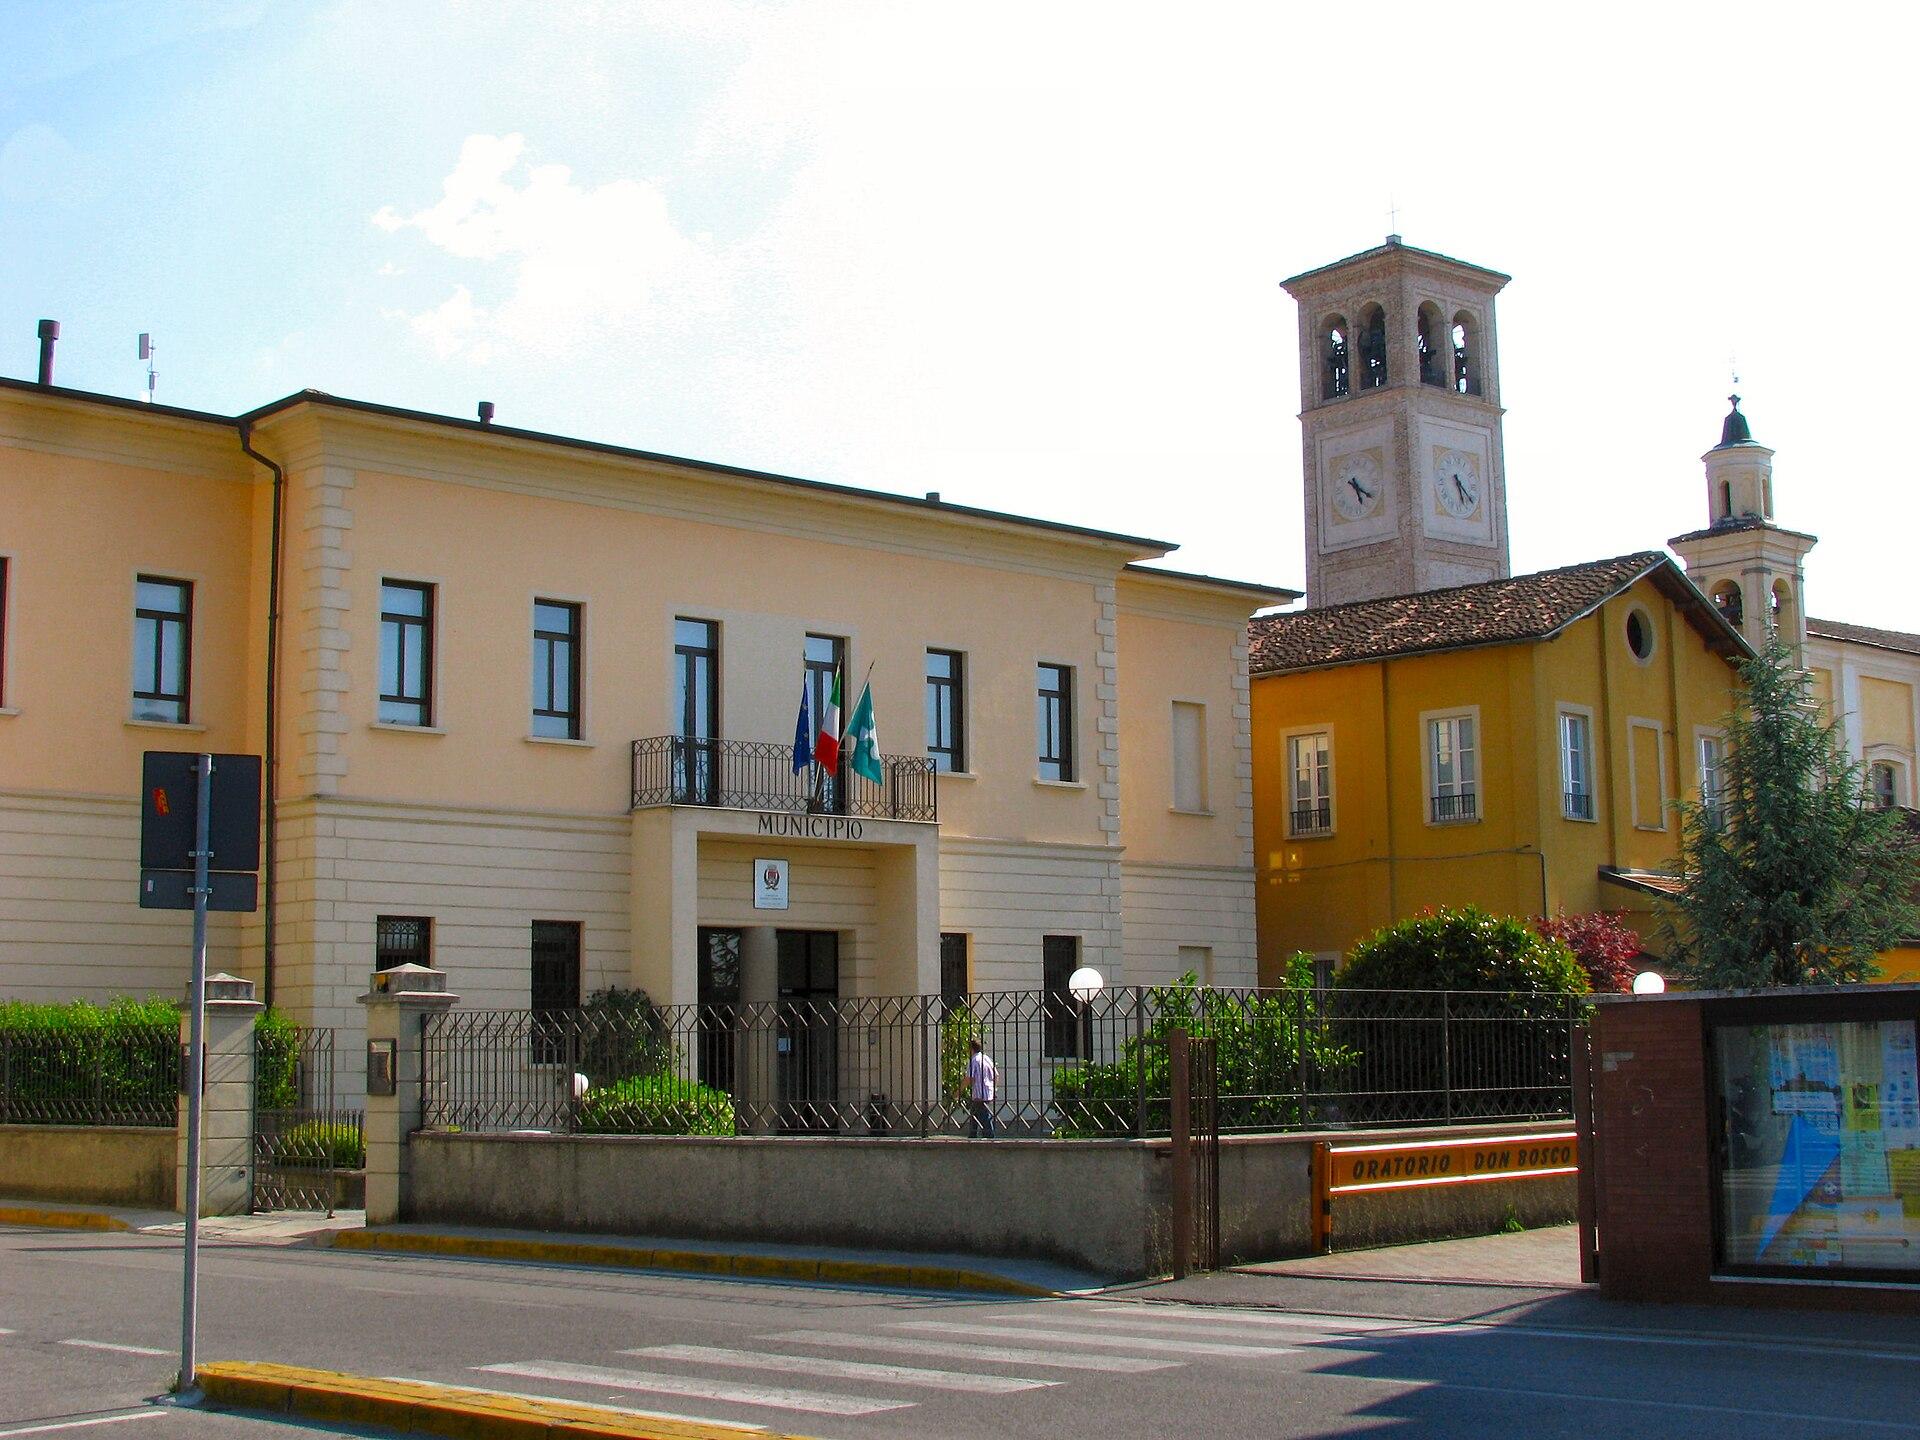 bagnolo cremasco wikipedia